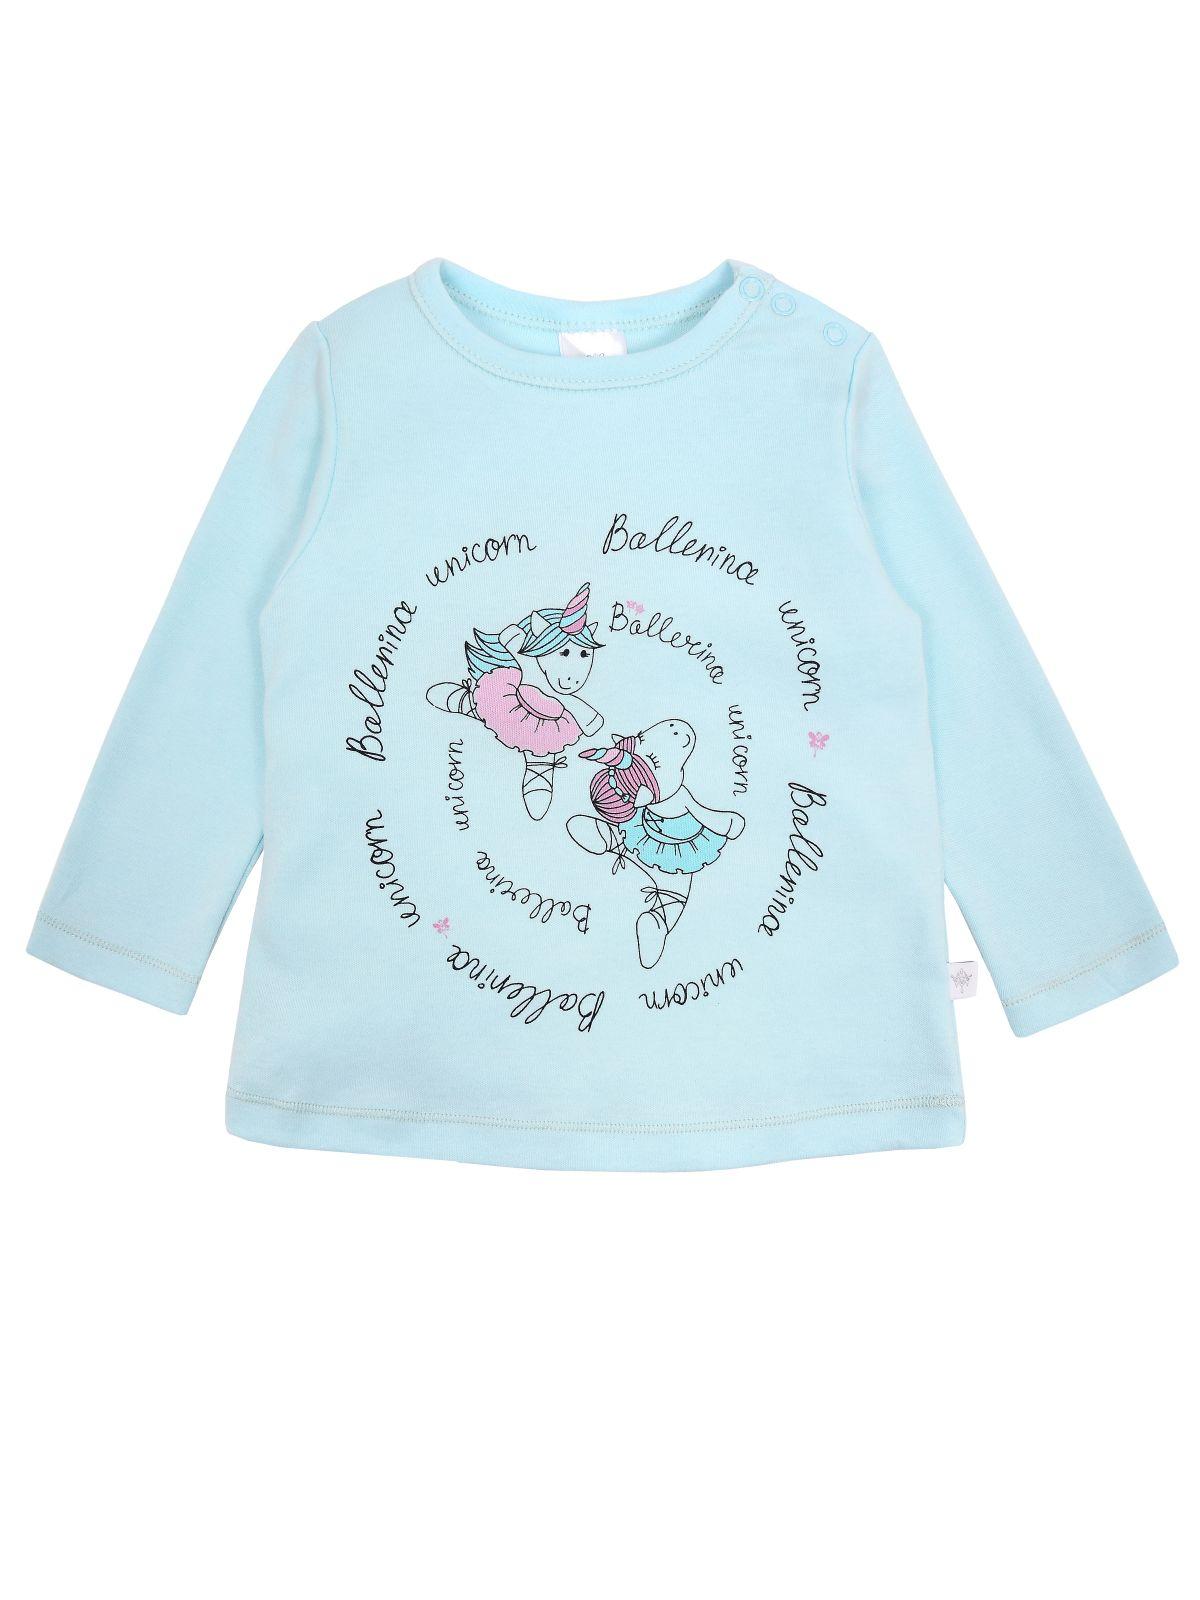 Купить Джемпер для девочки Мамуляндия 19-840 Интерлок, Св. бирюзовый р.92, Кофточки, футболки для новорожденных